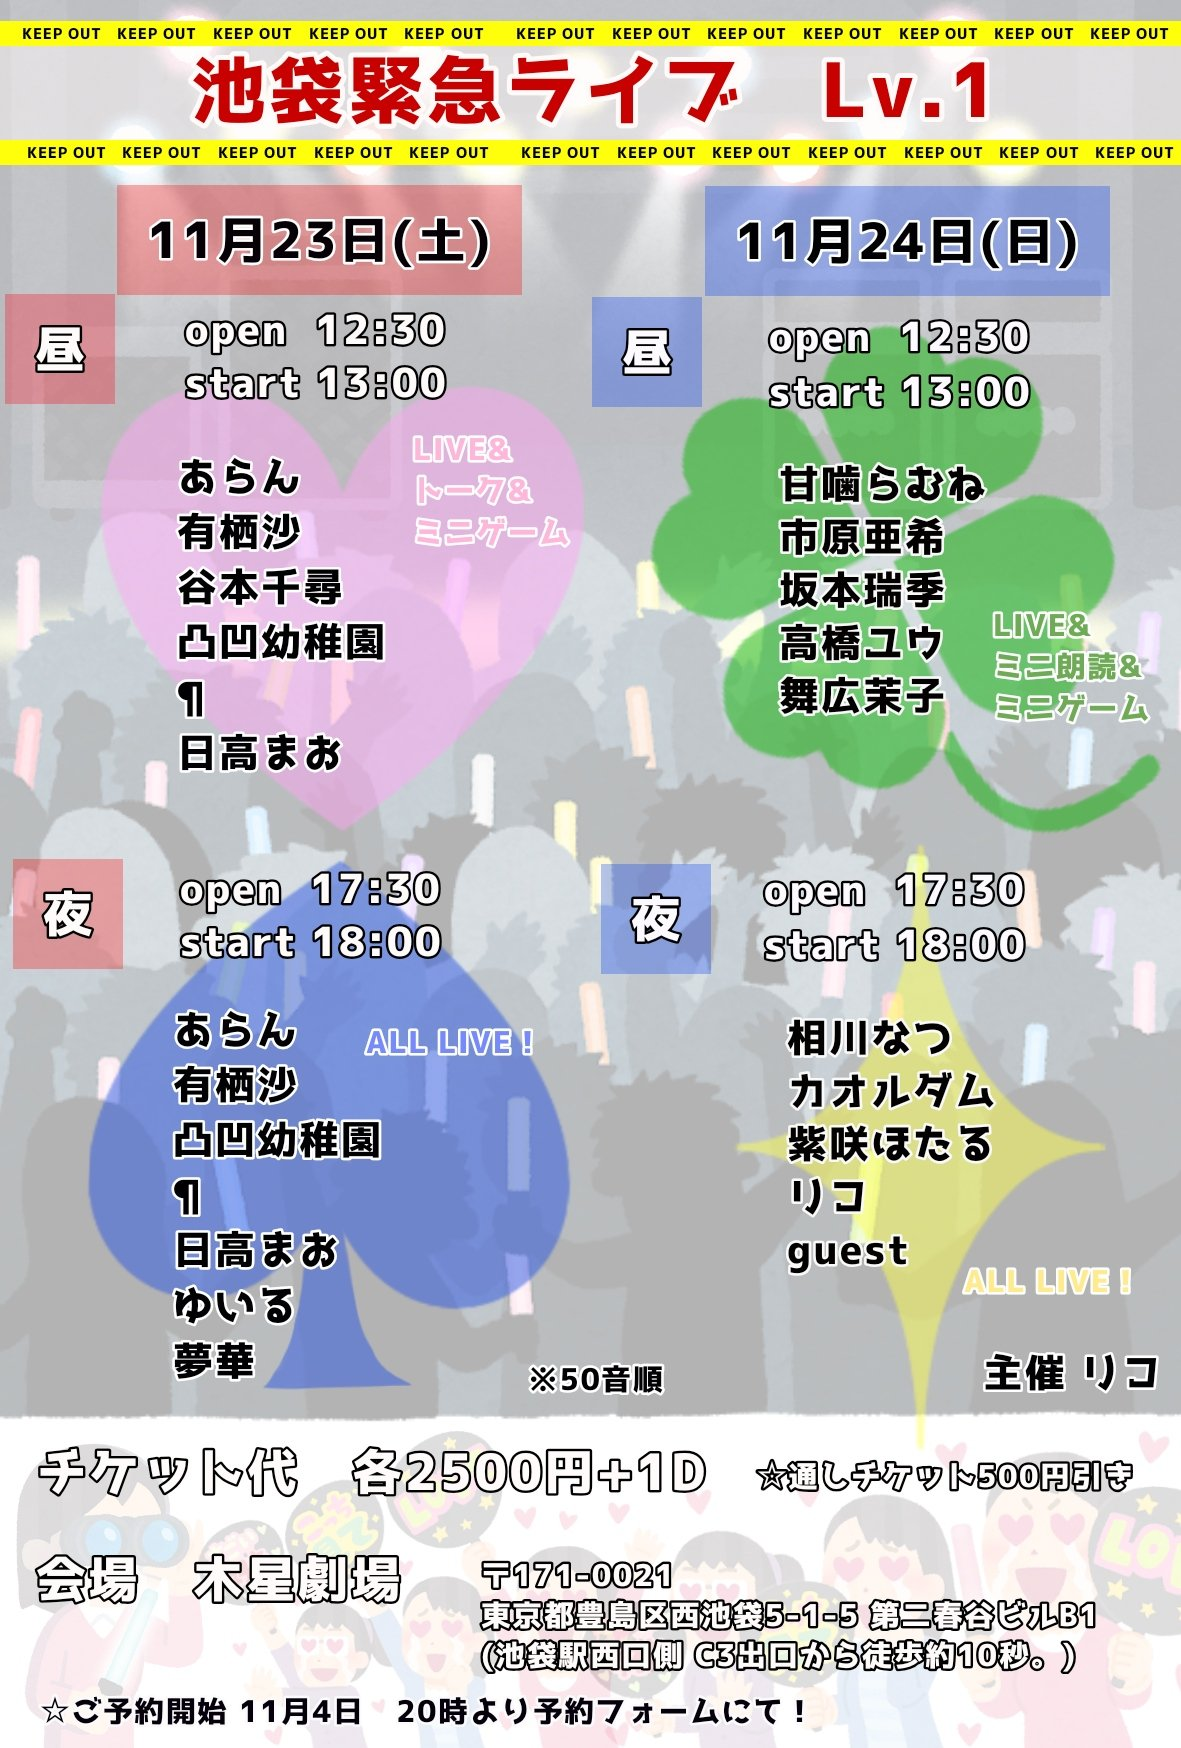 11月24日(日)「池袋緊急ライブ Lv.1」に出演します!!!